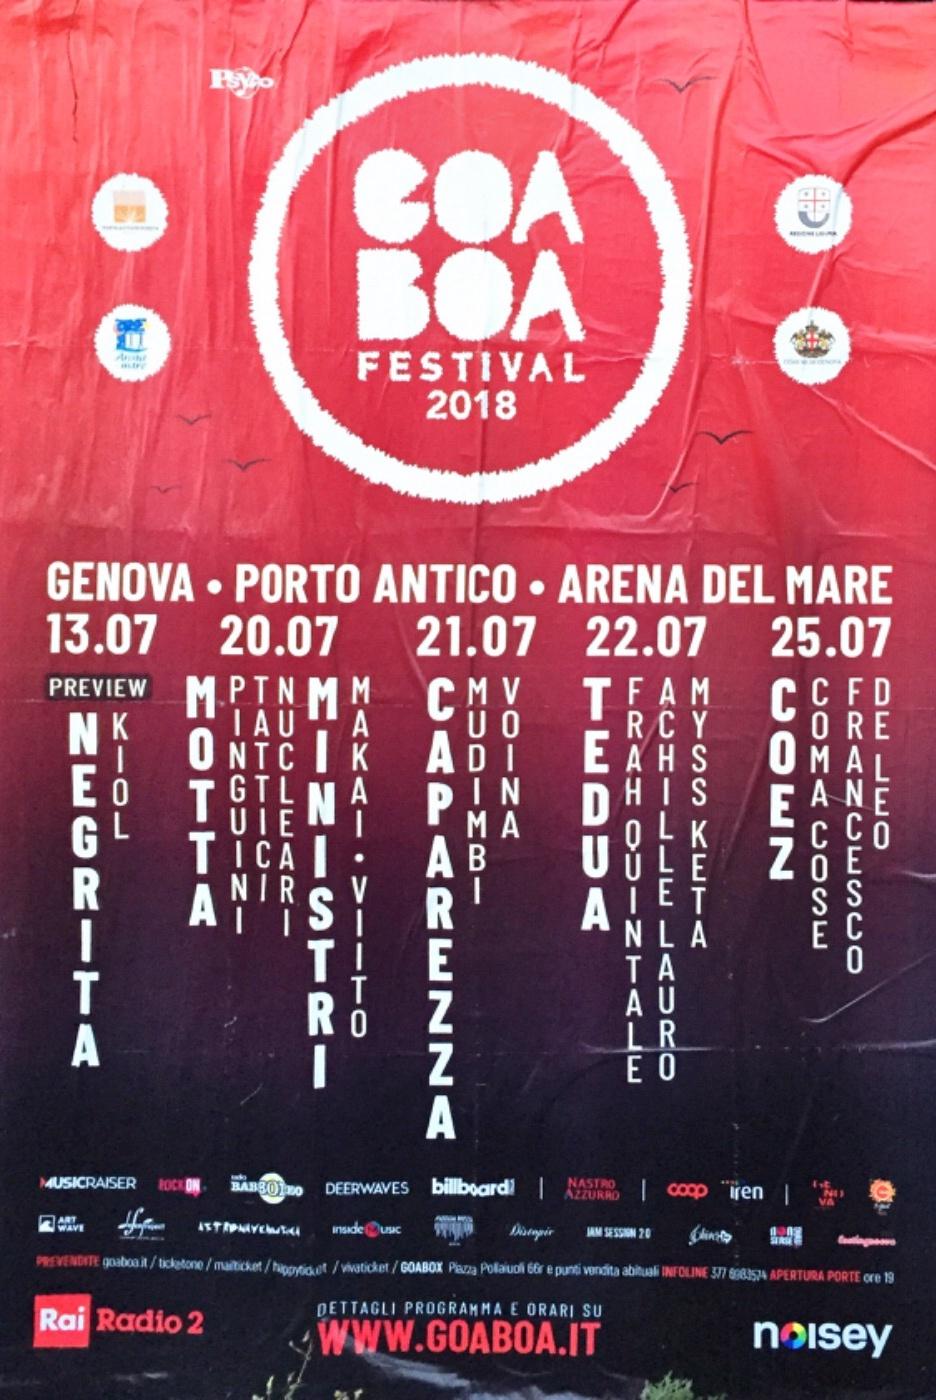 Eventi a Genova Arena del Mare Luglio 2018 - GOA BOA Festival 2018